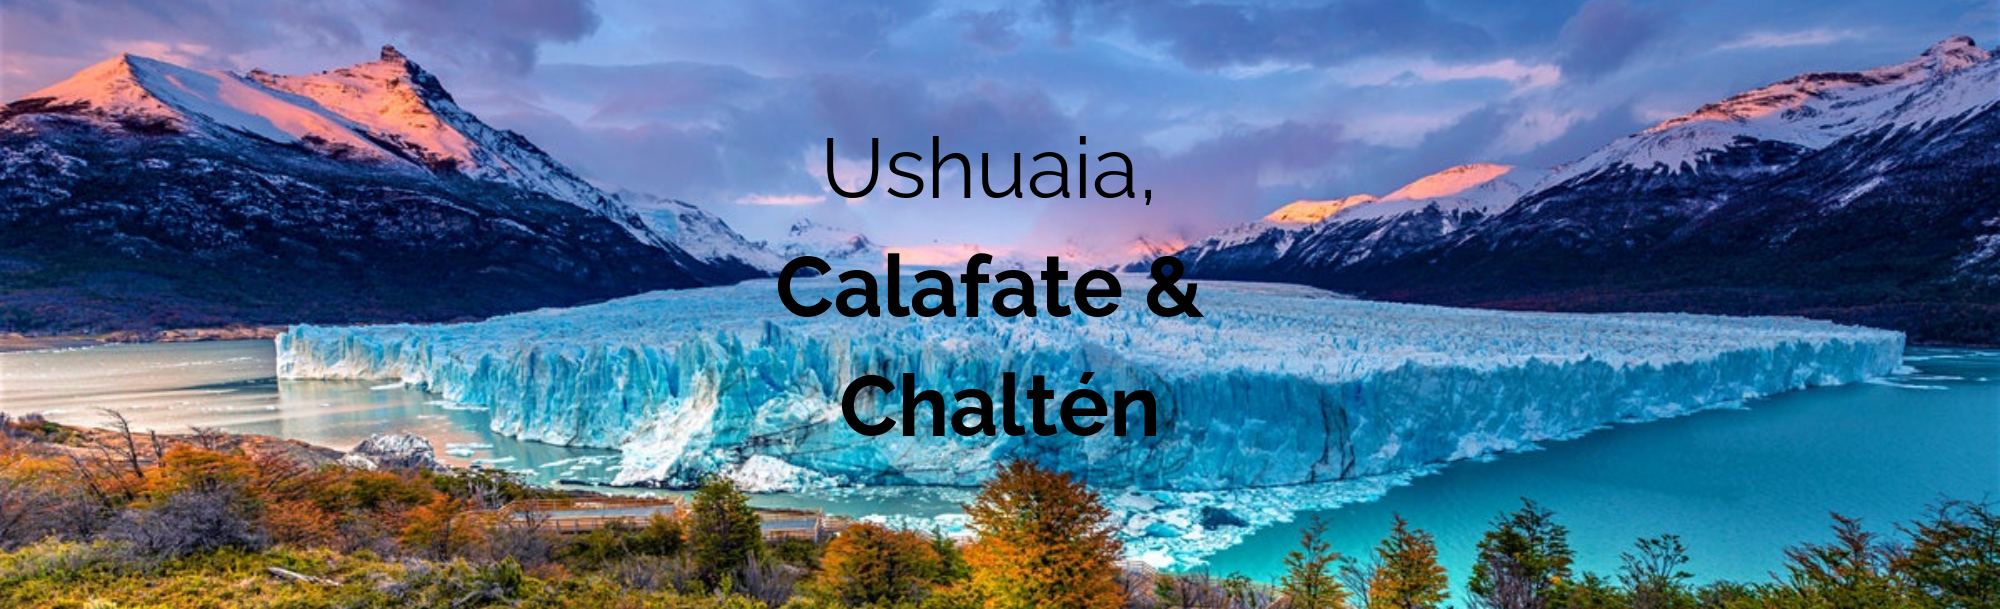 Ushuaia, Calafate & Chaltén